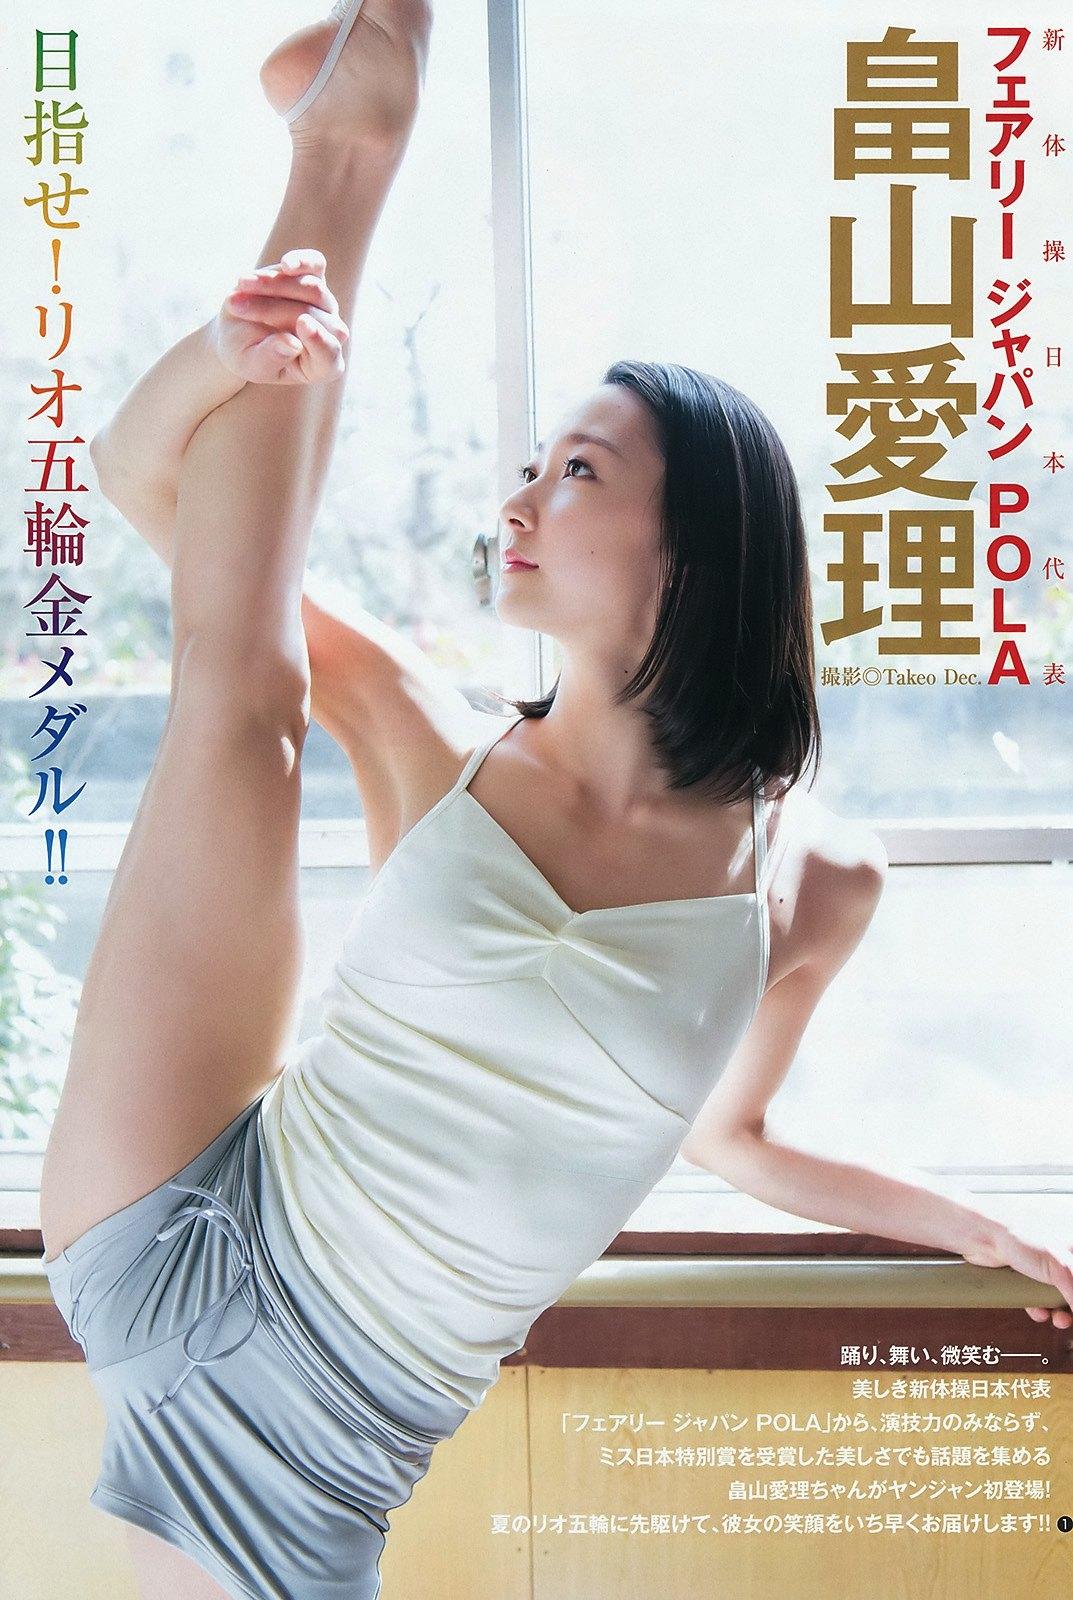 畠山愛理のかわいい画像